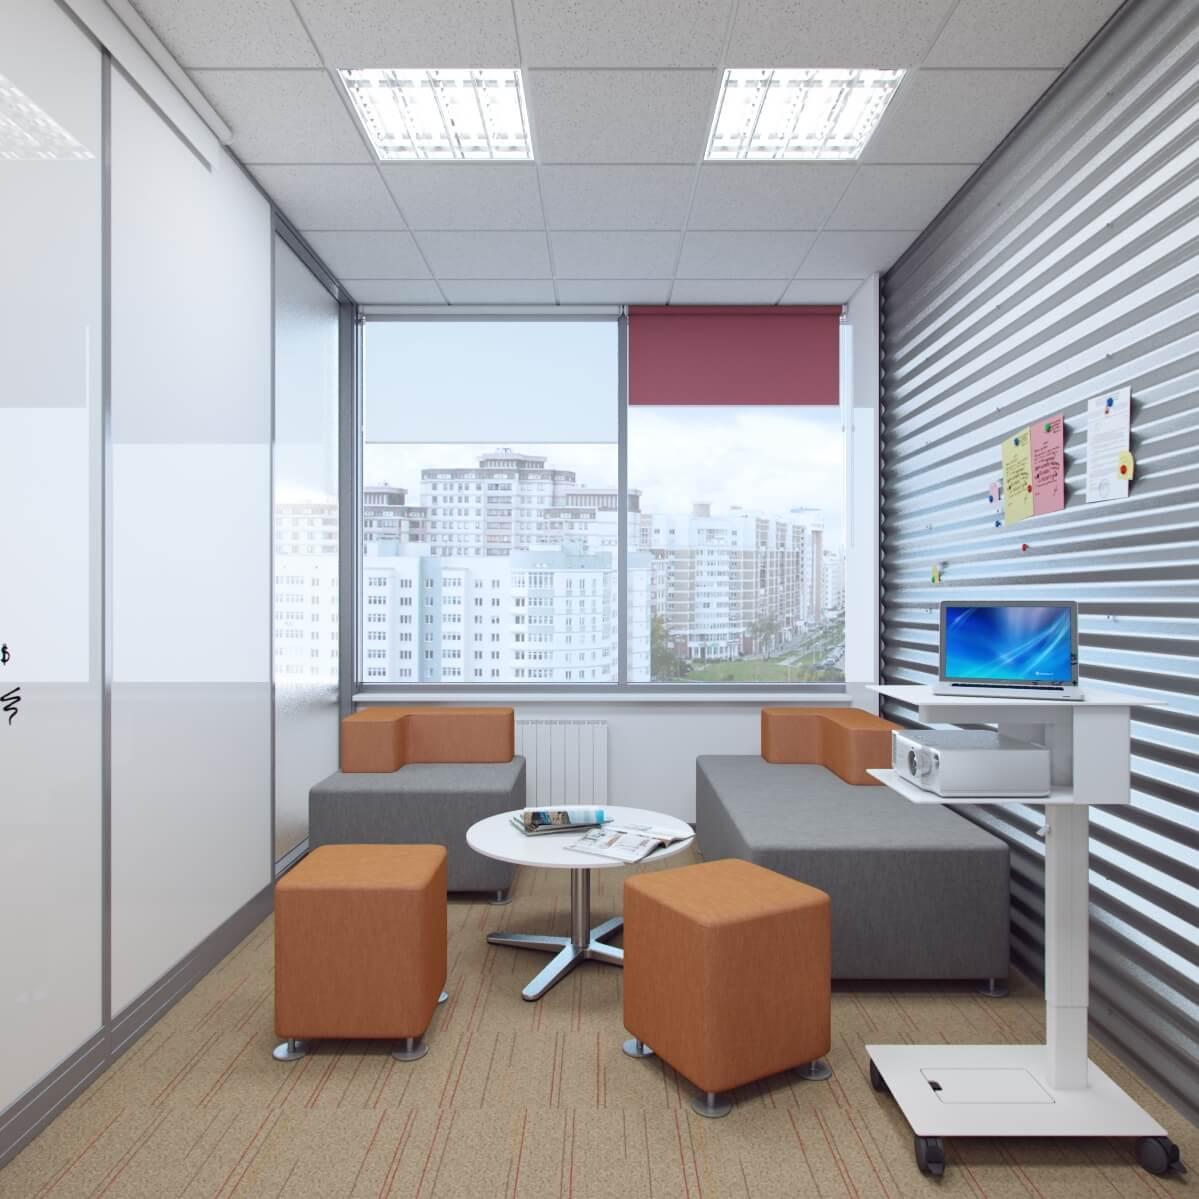 Рабочие зоны компании. Офисы, холлы.